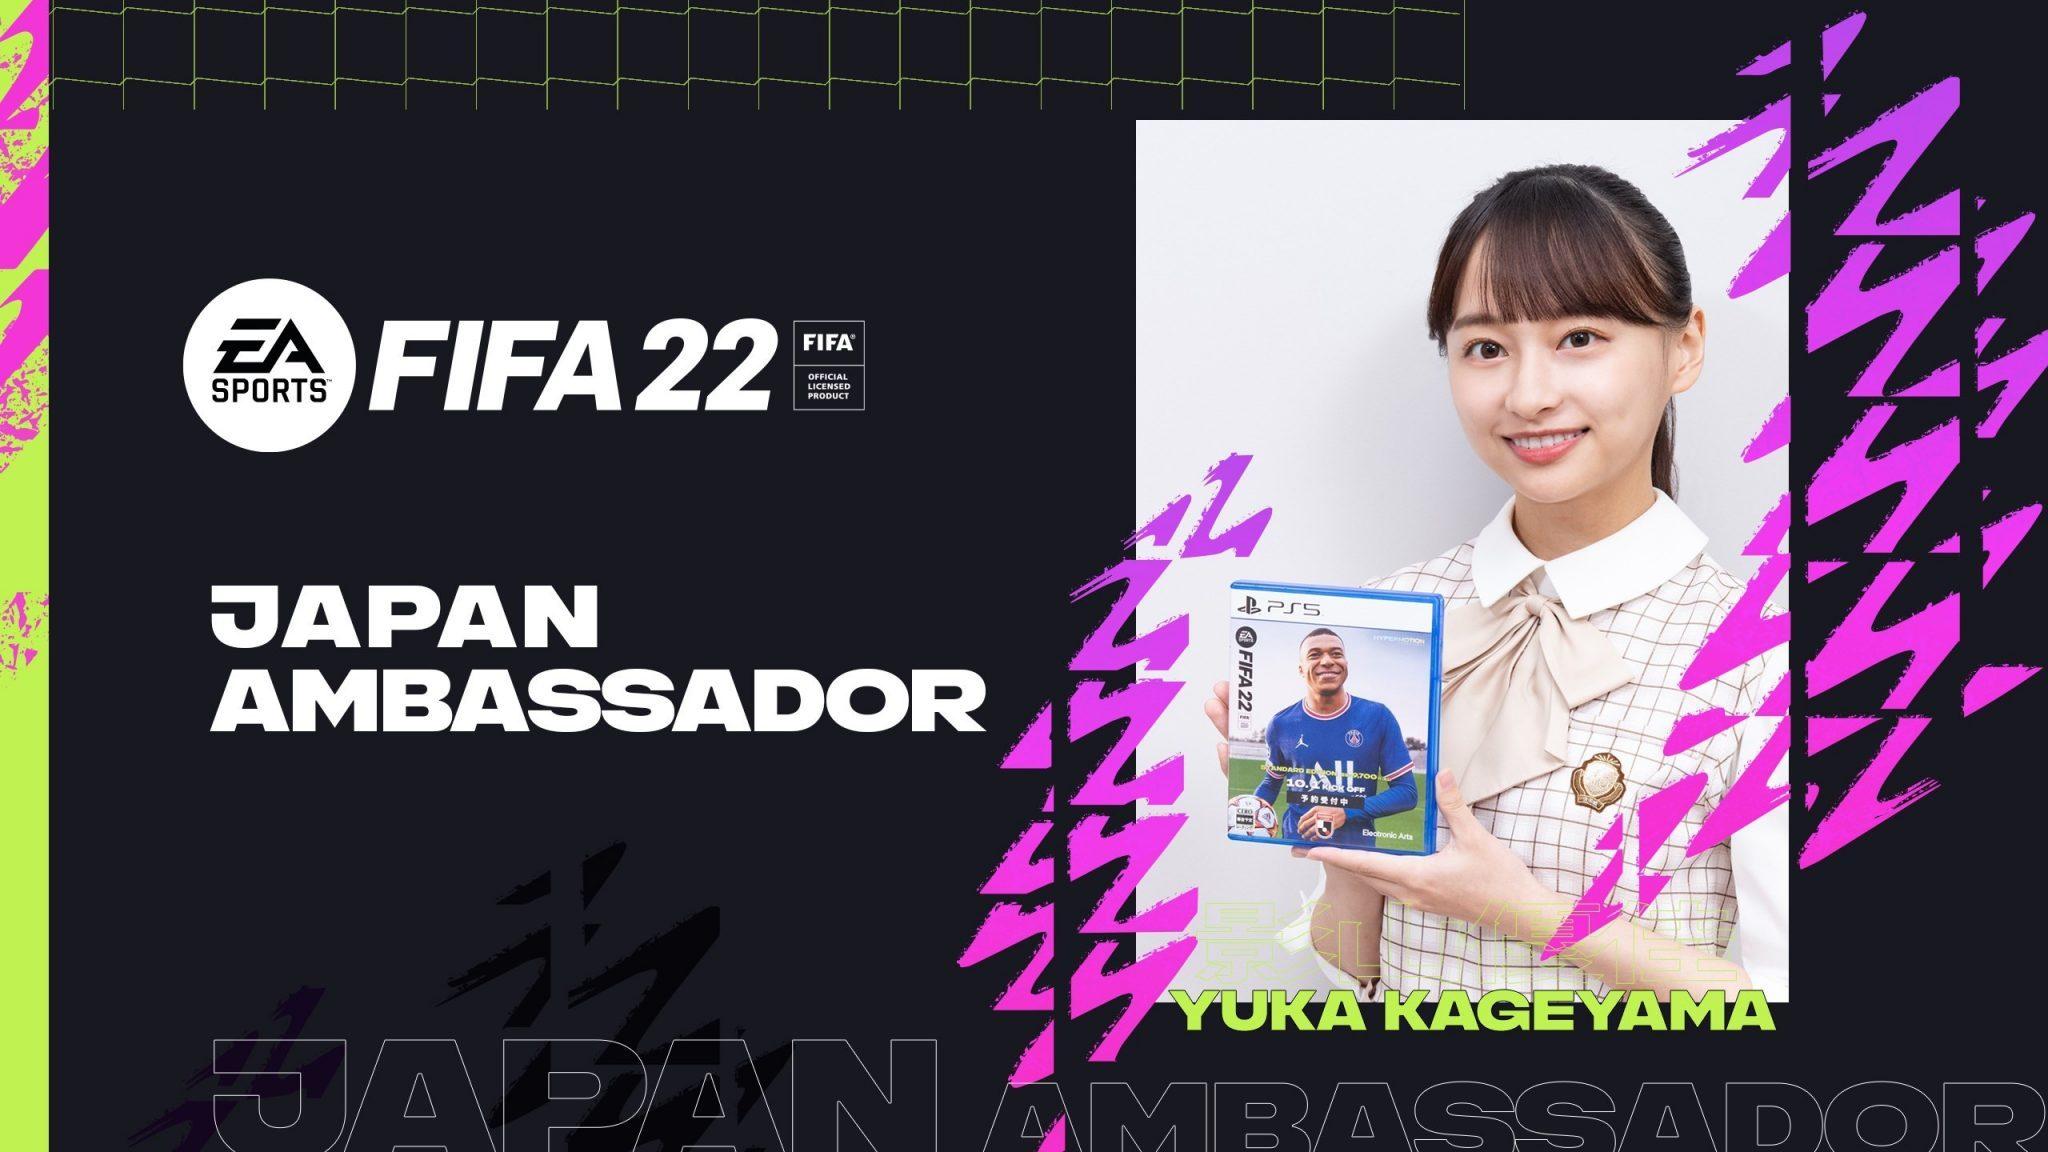 日向坂46影山优佳就任『FIFA22』日本区宣传大使宣传活动陆续开跑-itotii